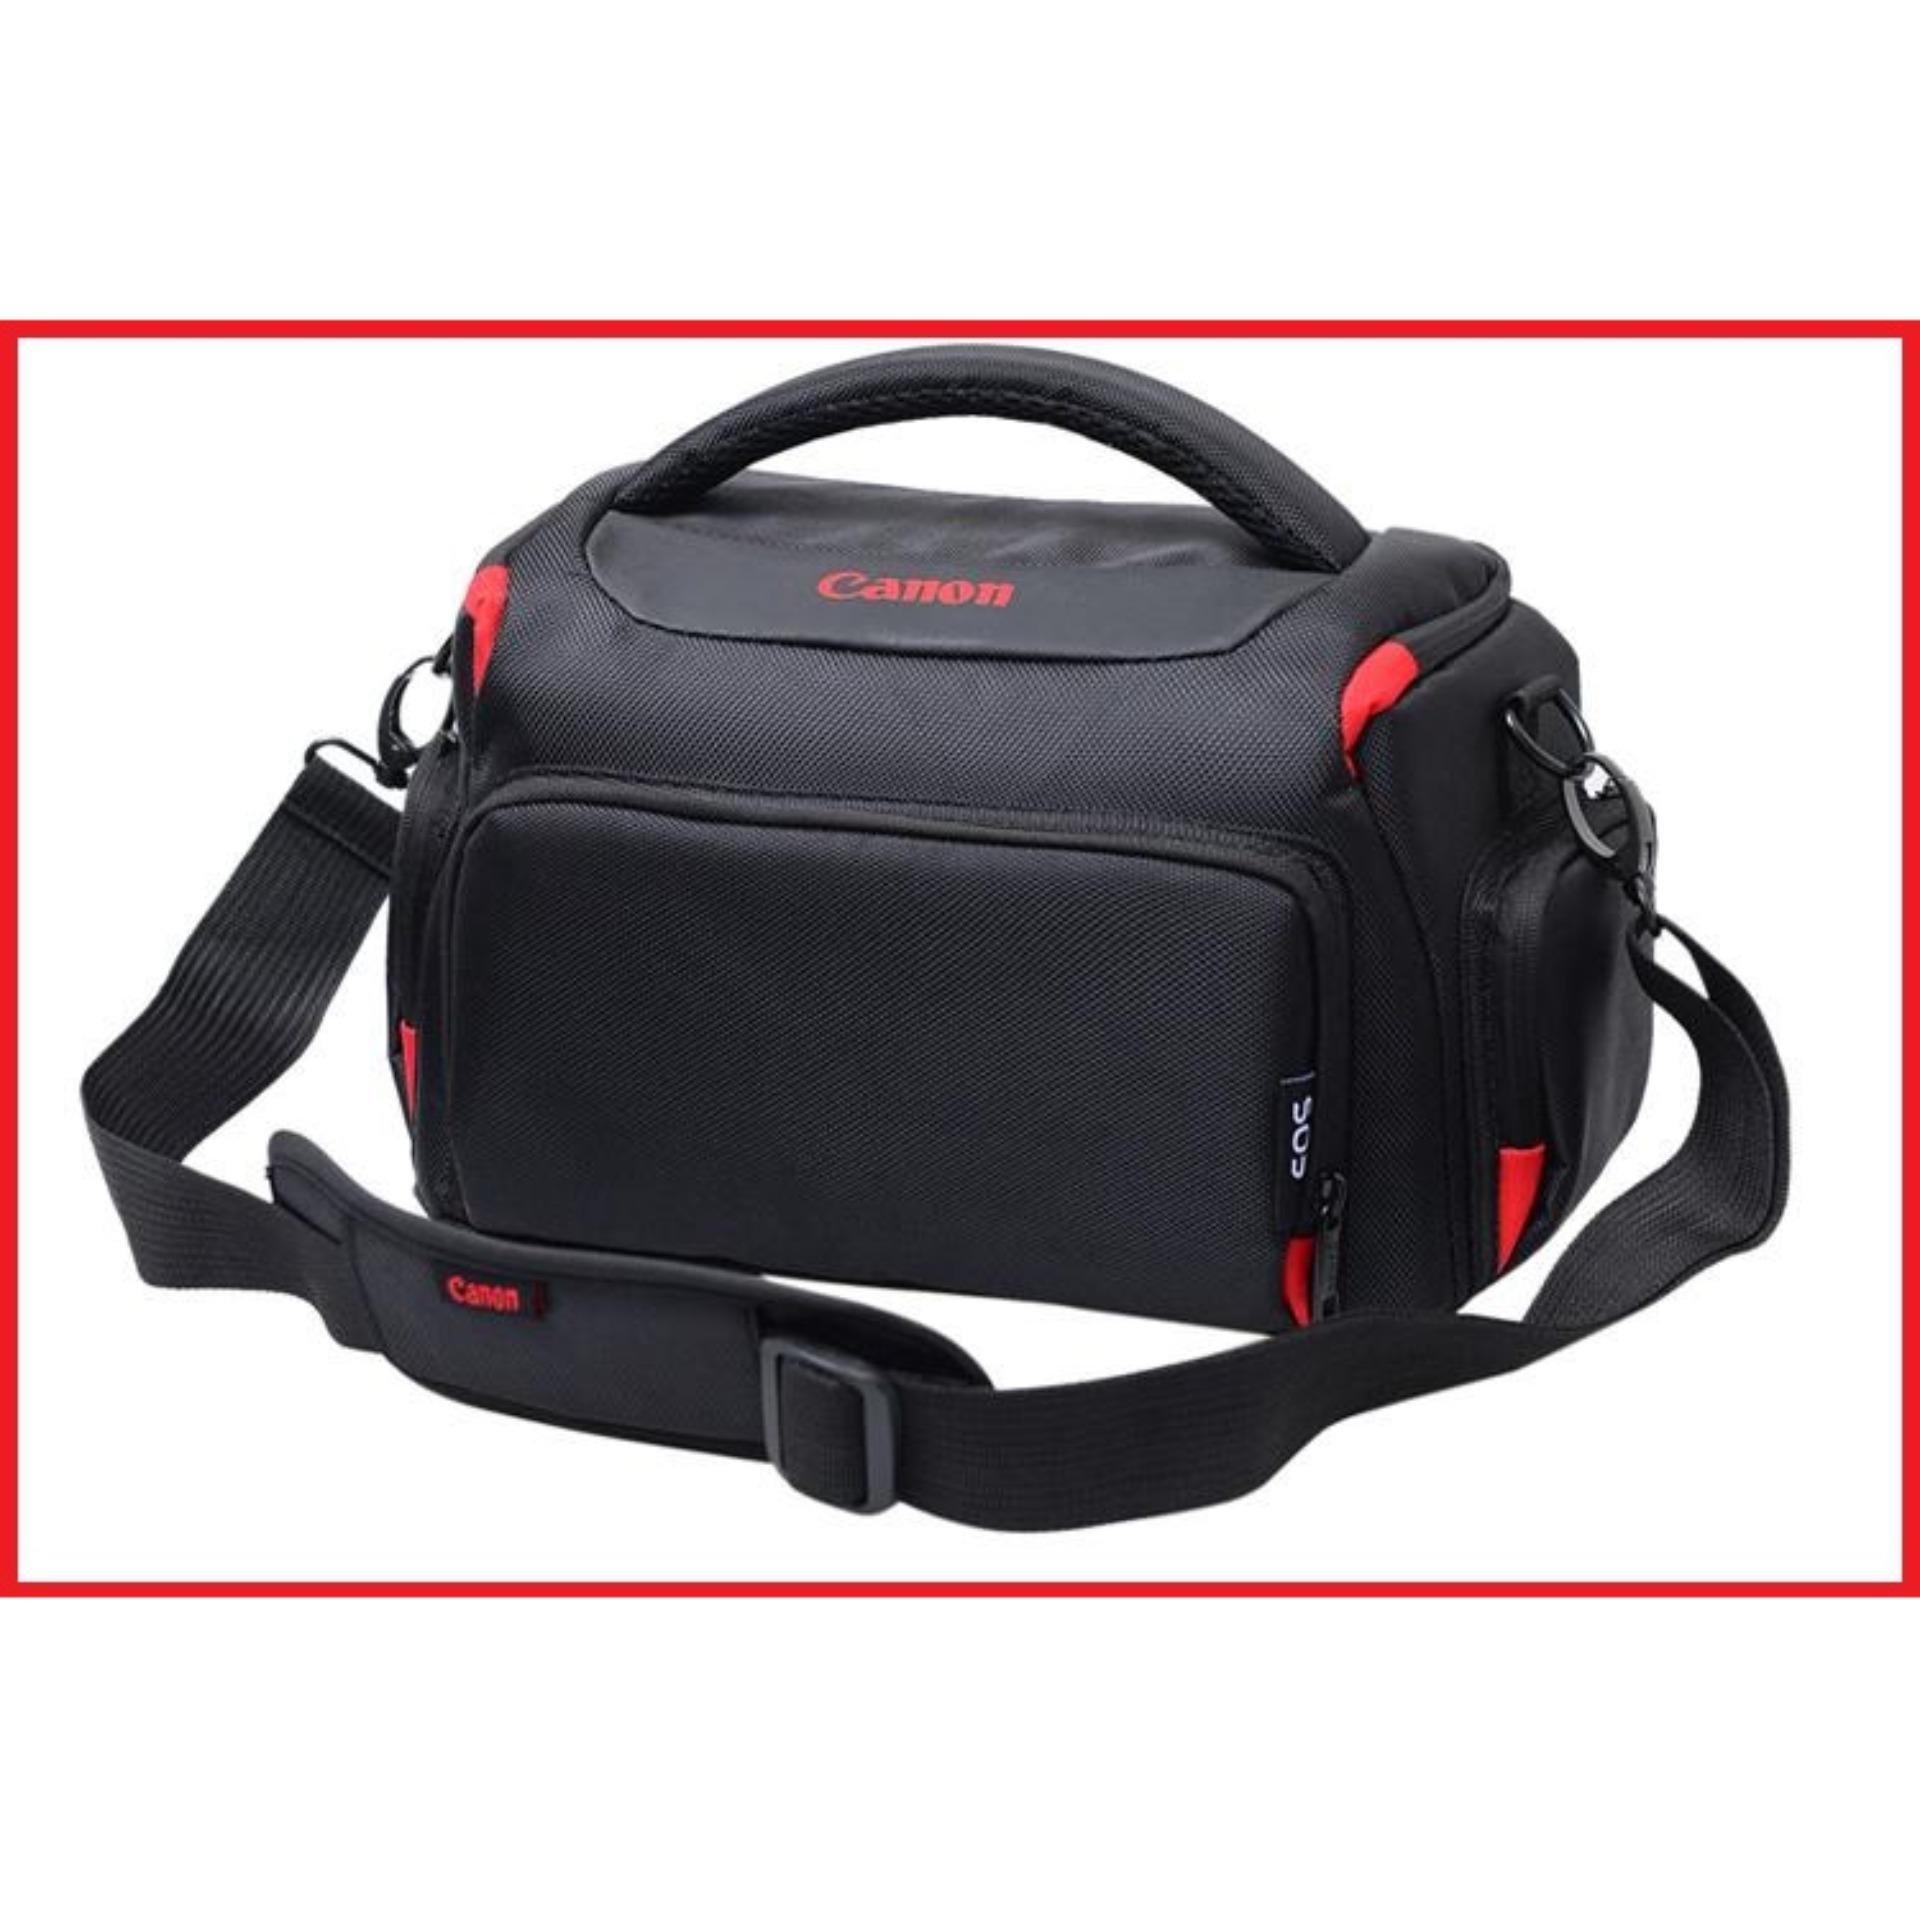 Túi đựng máy ảnh canon chống shock, vải dù cao cấp - Túi đựng máy ảnh canon - Túi máy...